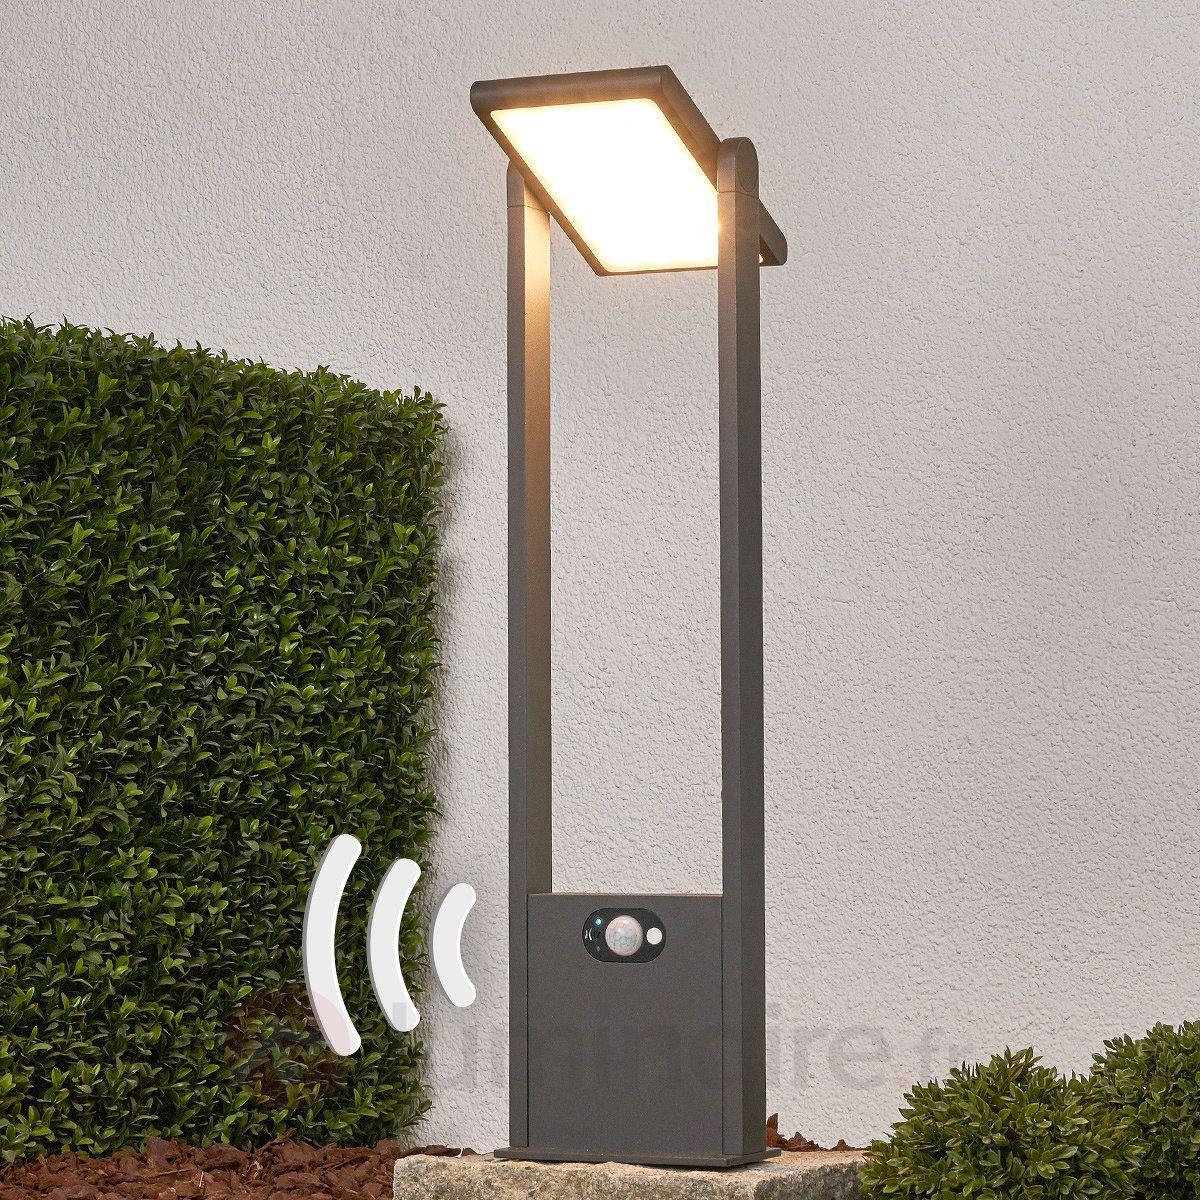 borne lumineuse solaire valerian avec led 60 cm clairage ext rieur pinterest luminaire. Black Bedroom Furniture Sets. Home Design Ideas